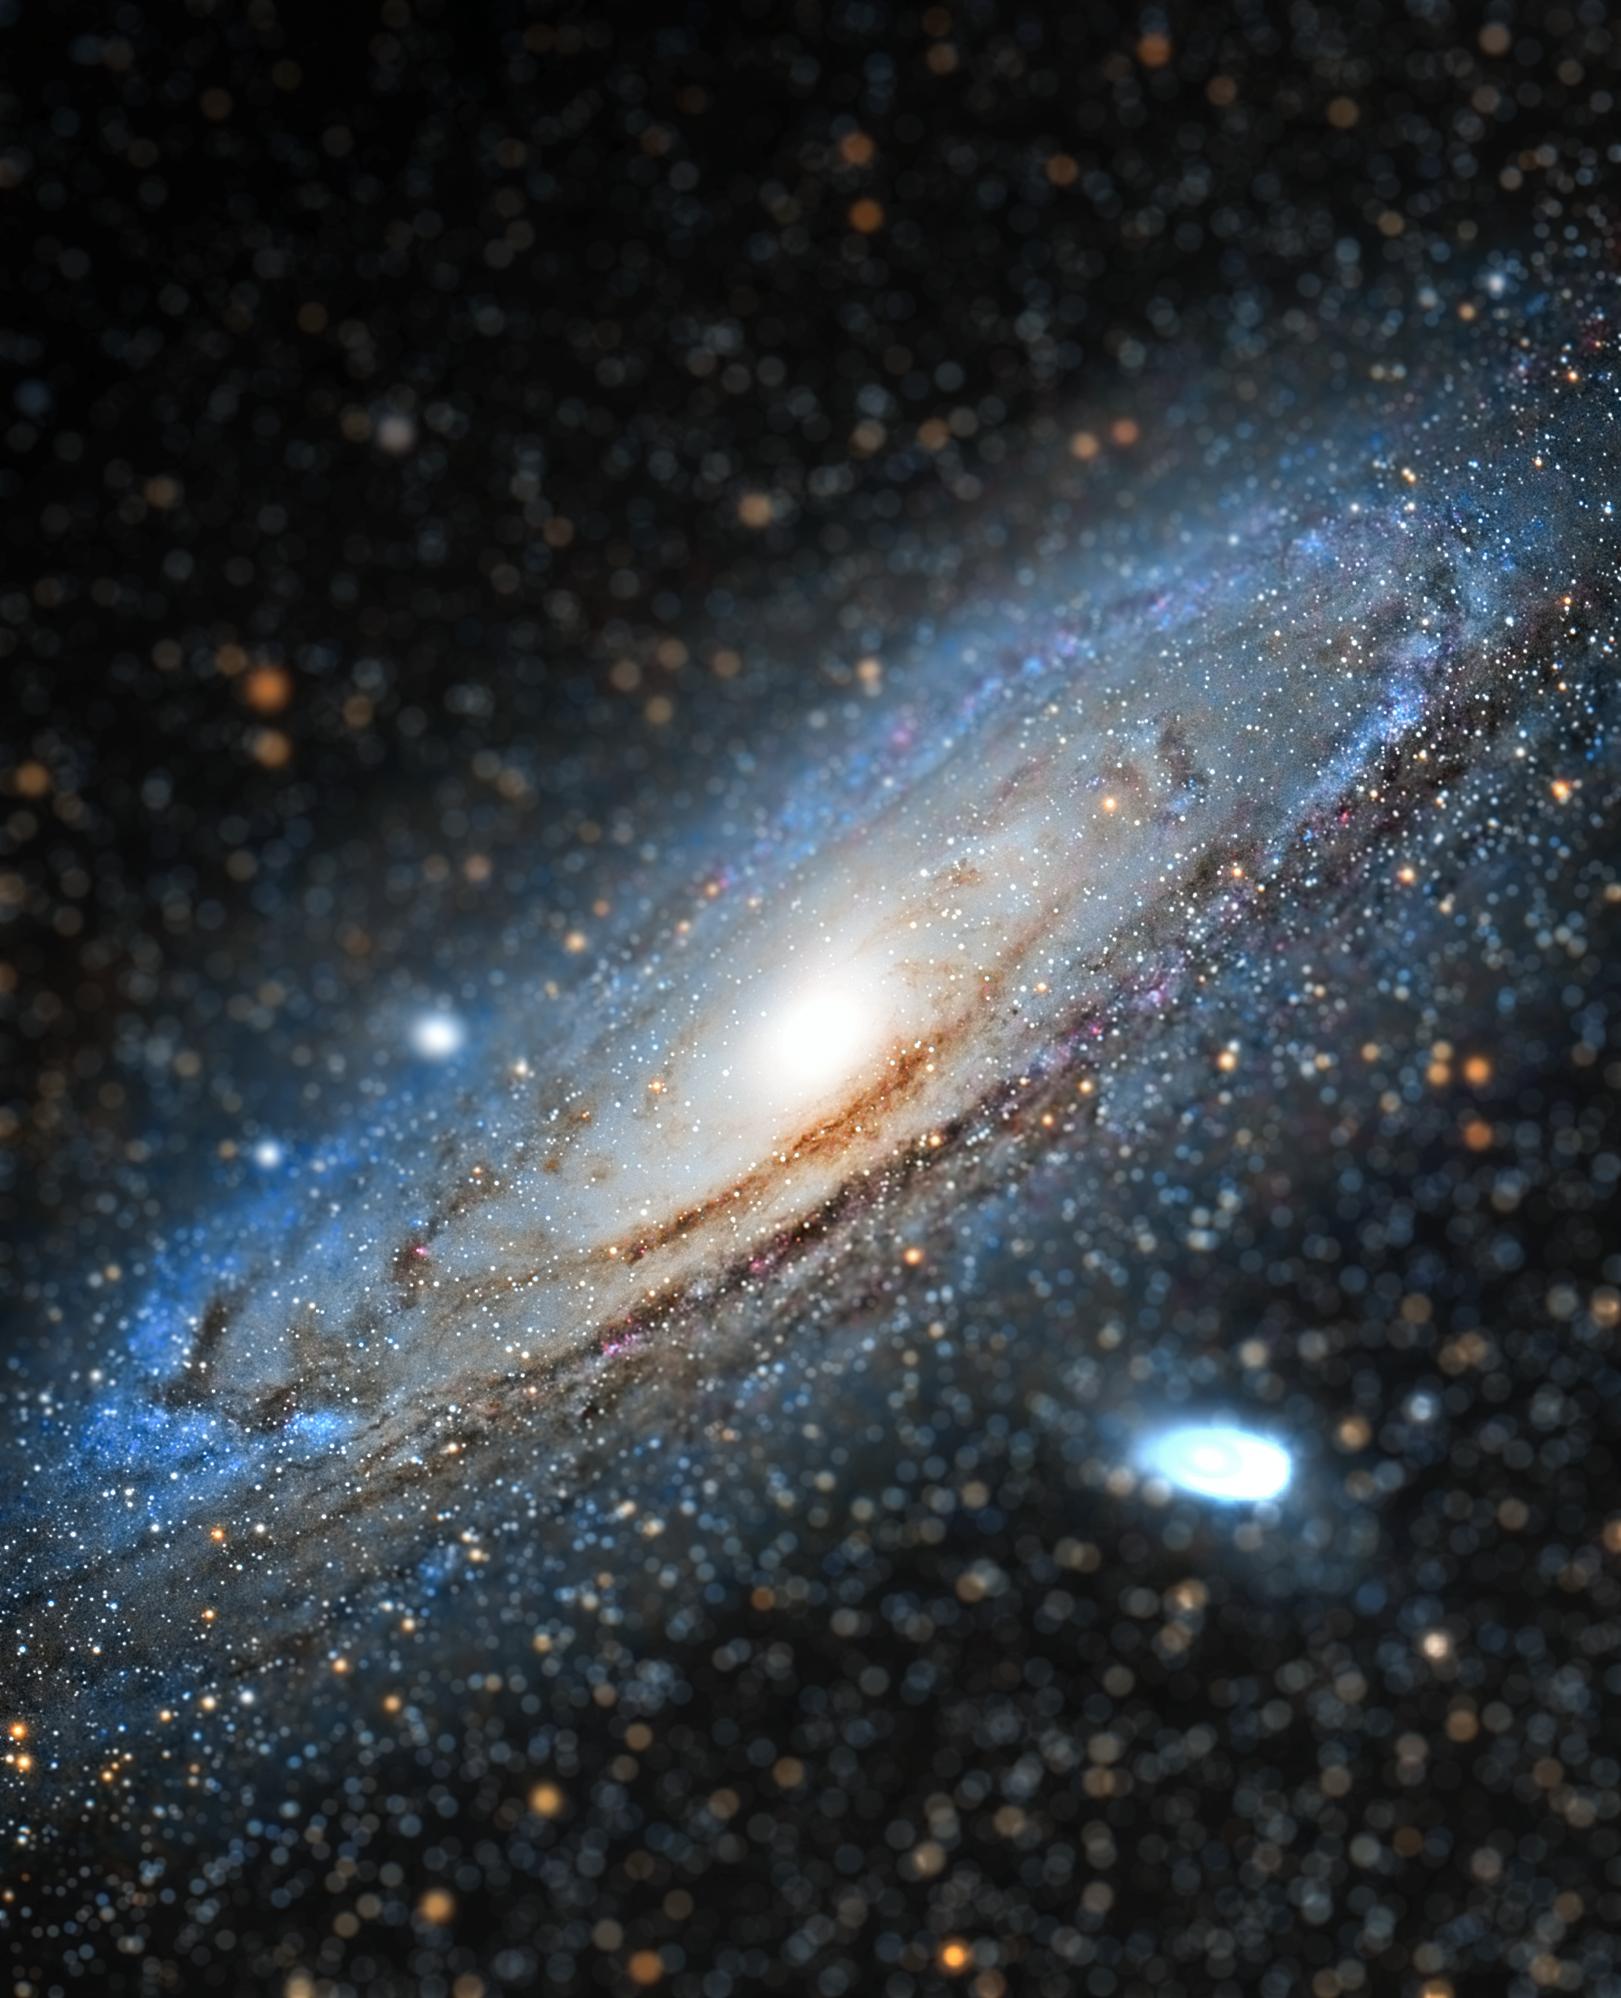 картинки о галактики с названиями подборке ниже